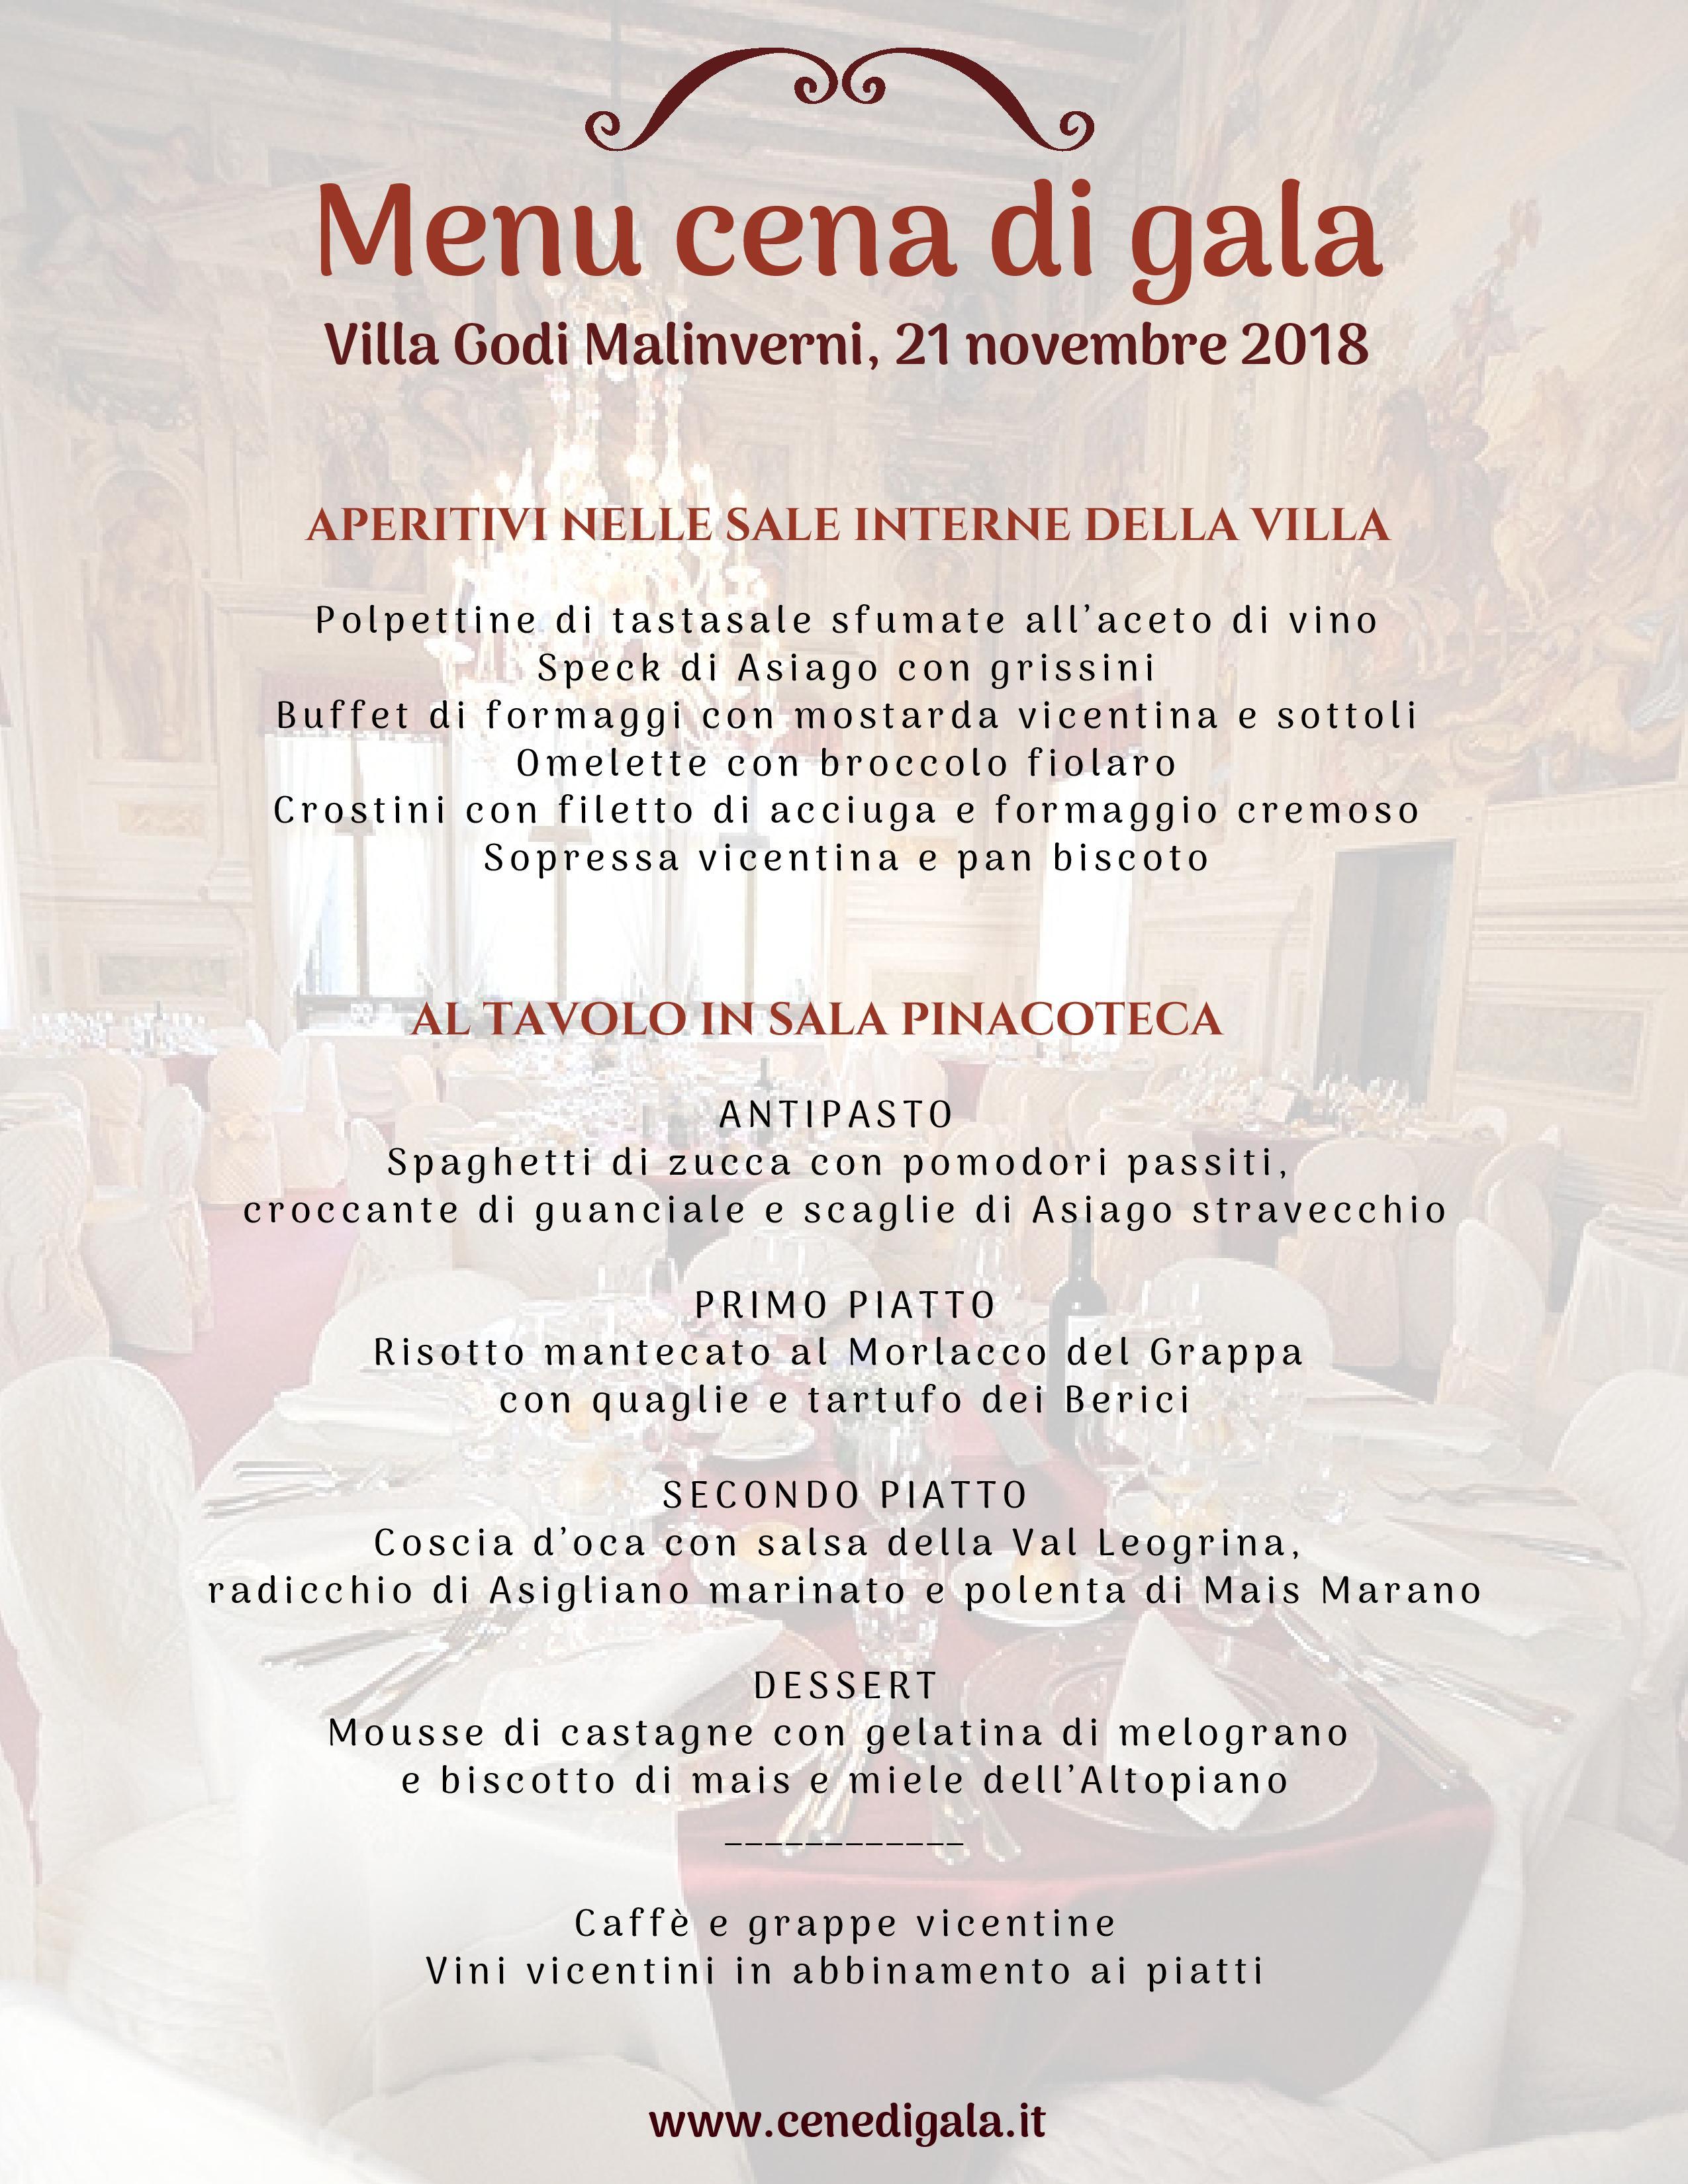 Menu cena di gala Villa Godi Malinverni 21.11.2018